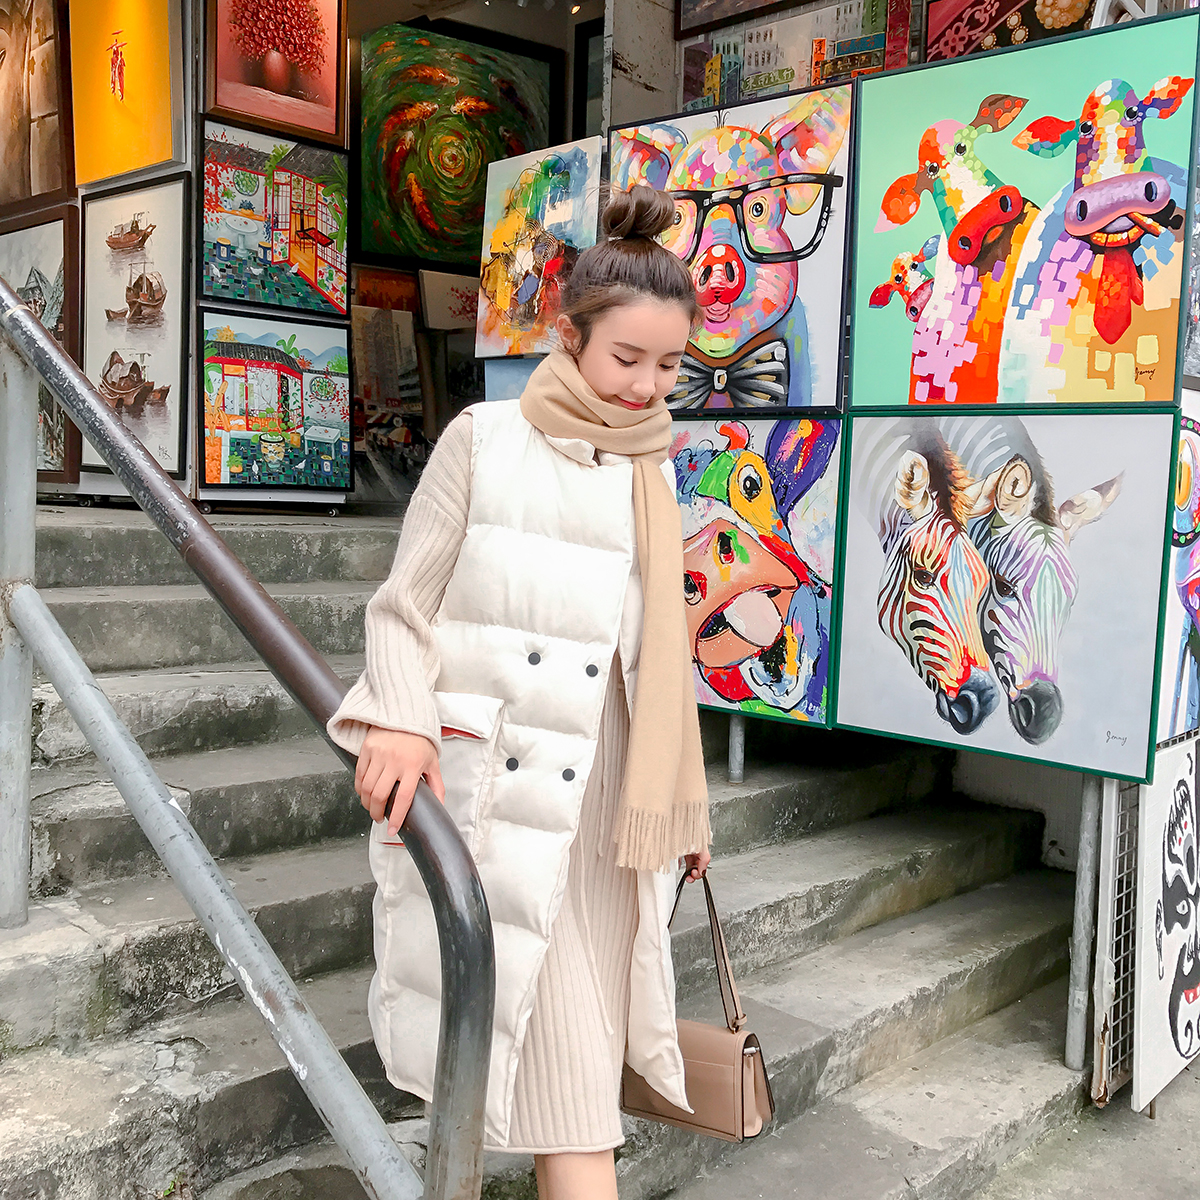 ◆MUGU蘑菇◆秋冬韩版2017新款中长款翻领宽松百搭棉衣外套马甲女3元优惠券